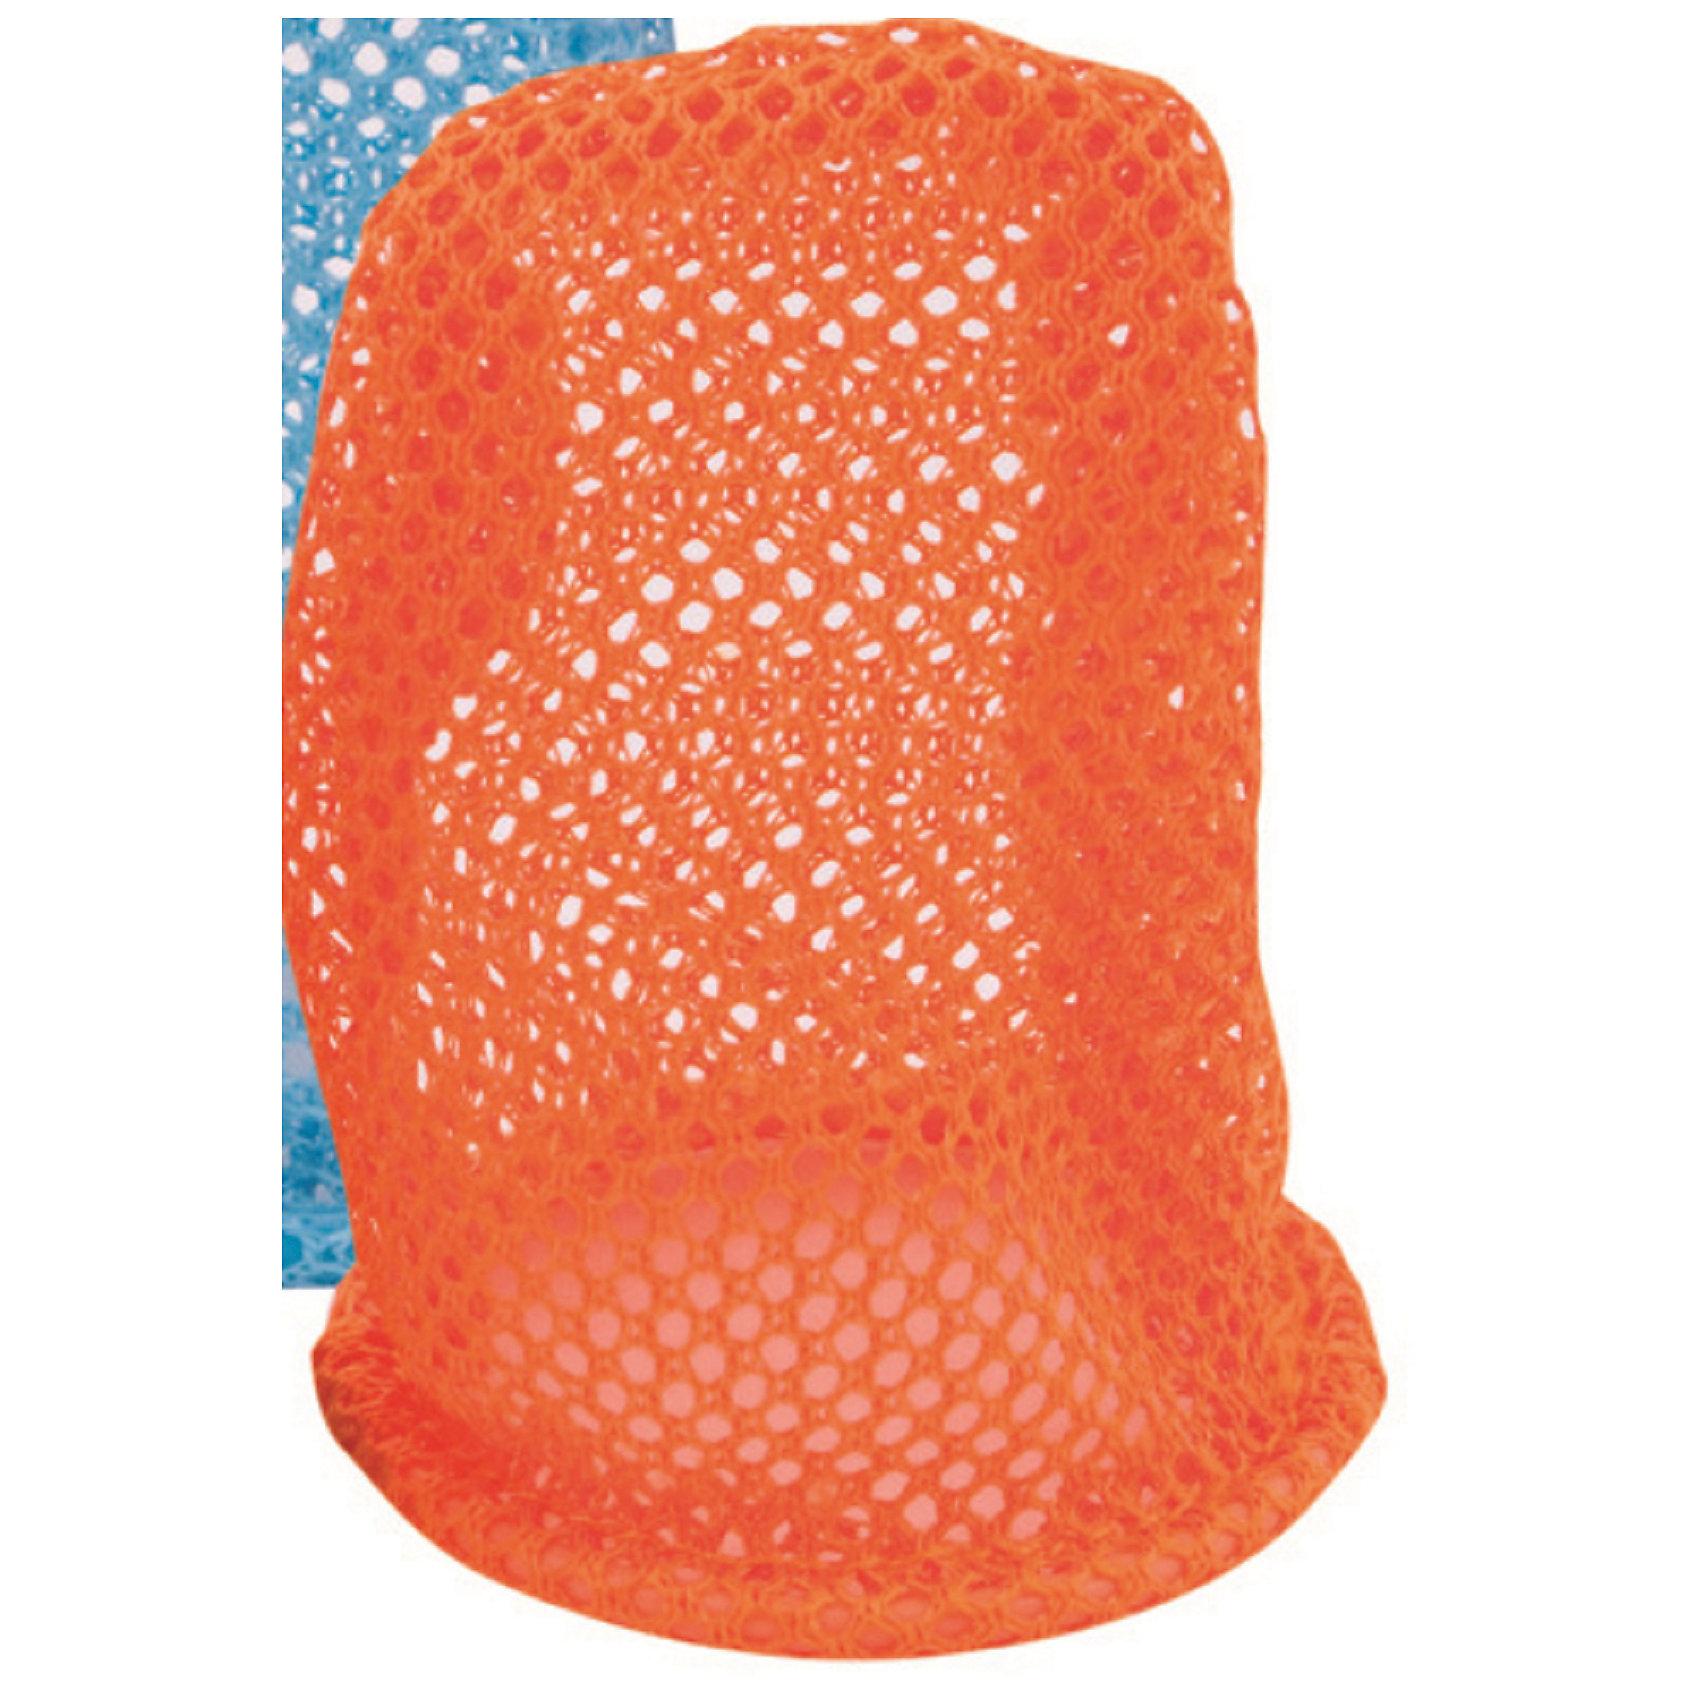 Сменные сеточки 3 шт с 6 мес., Canpol Babies, красныйПосуда для малышей<br>Сменные сеточки для 56/105, 3 шт 6+, Canpol Babies, красный.<br><br>Характеристики: <br>• прочный материал <br>• легко мыть<br>• материал: нейлон<br>• цвет: красный<br><br>Сменные сеточки предназначены для ситечка для кормления Canpol Babies. Их легко мыть вручную. Они изготовлены из безопасного и прочного нейлона, который исключает возможность порвать или прогрызть его.<br><br>Сменные сеточки для 56/105, 3 шт 6+, Canpol Babies, красный вы можете приобрести в нашем интернет-магазине.<br><br>Ширина мм: 115<br>Глубина мм: 10<br>Высота мм: 185<br>Вес г: 250<br>Возраст от месяцев: 6<br>Возраст до месяцев: 36<br>Пол: Унисекс<br>Возраст: Детский<br>SKU: 5156693